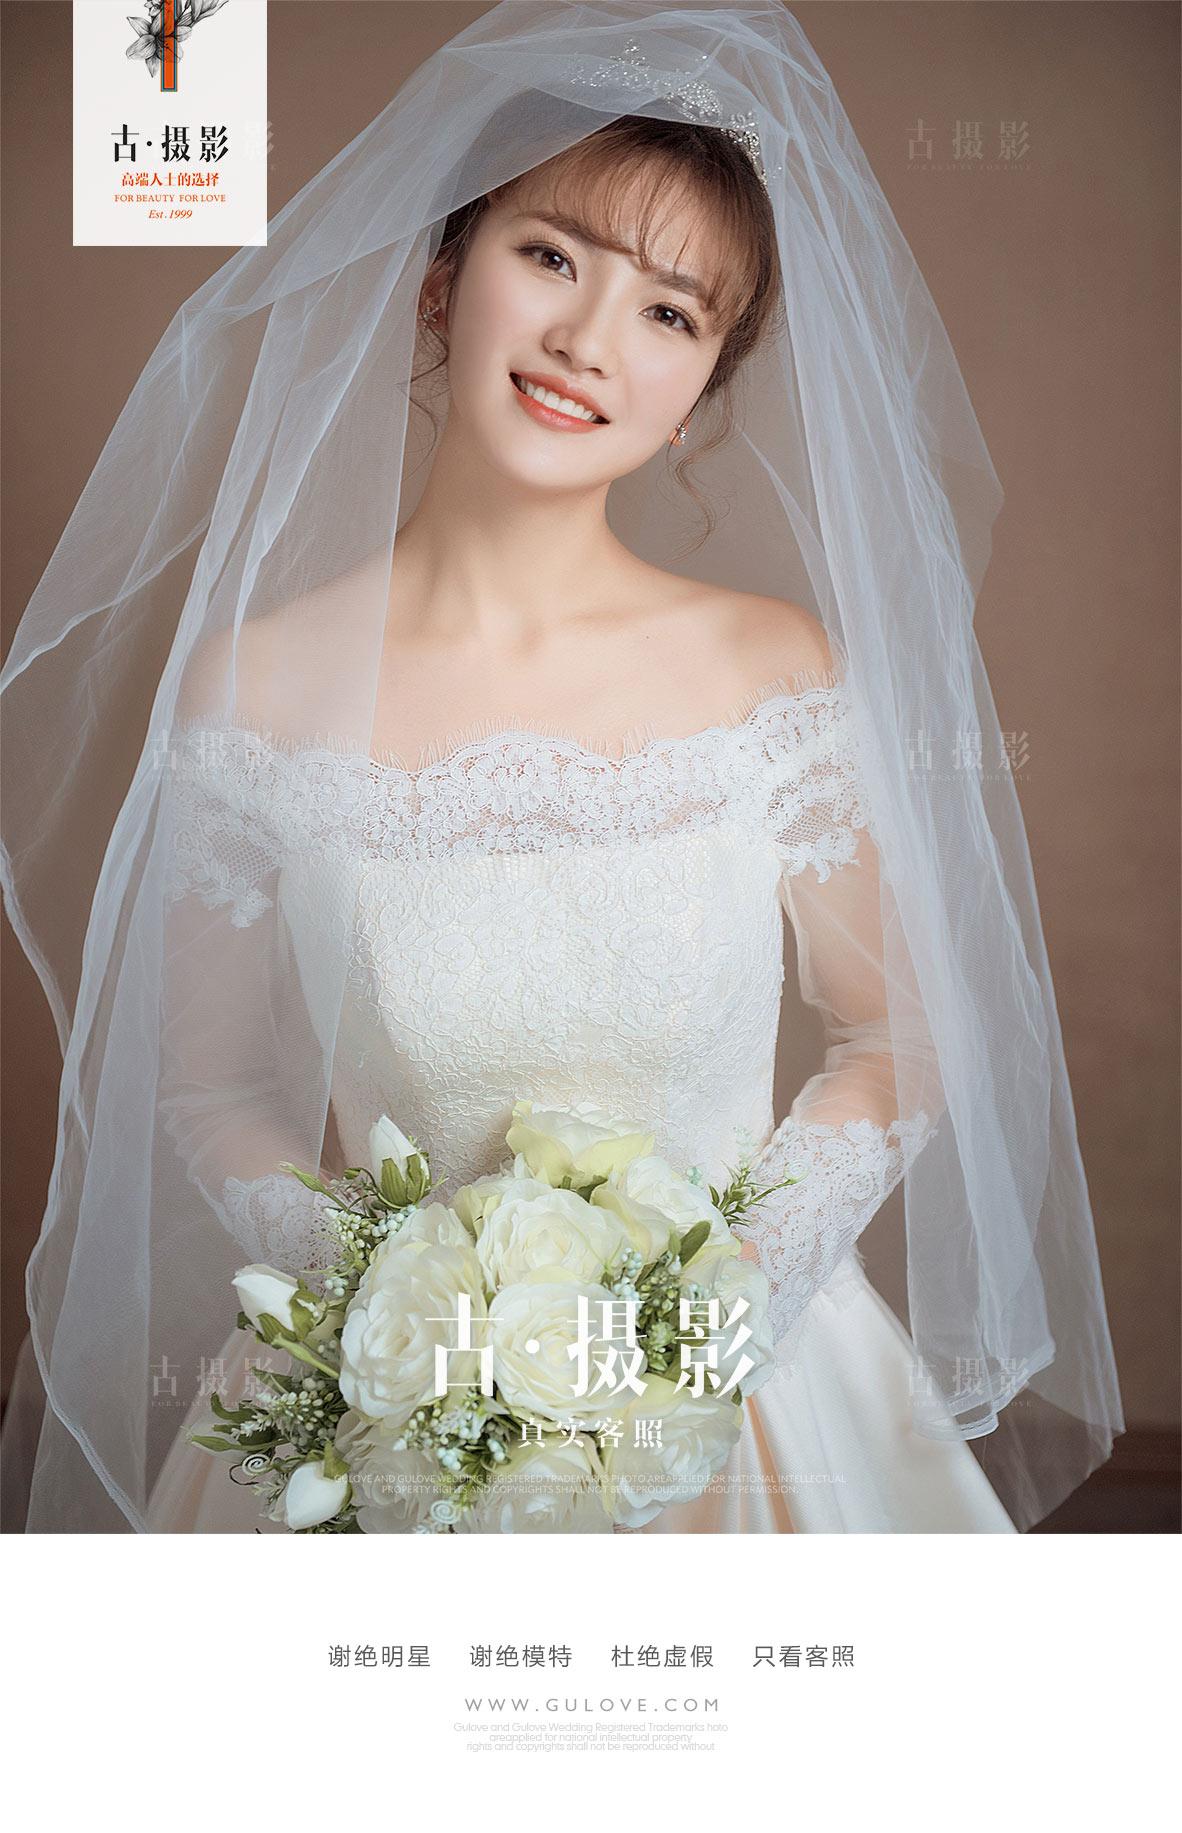 12月客照第一季 - 月度客照 - 古摄影婚纱艺术-古摄影成都婚纱摄影艺术摄影网